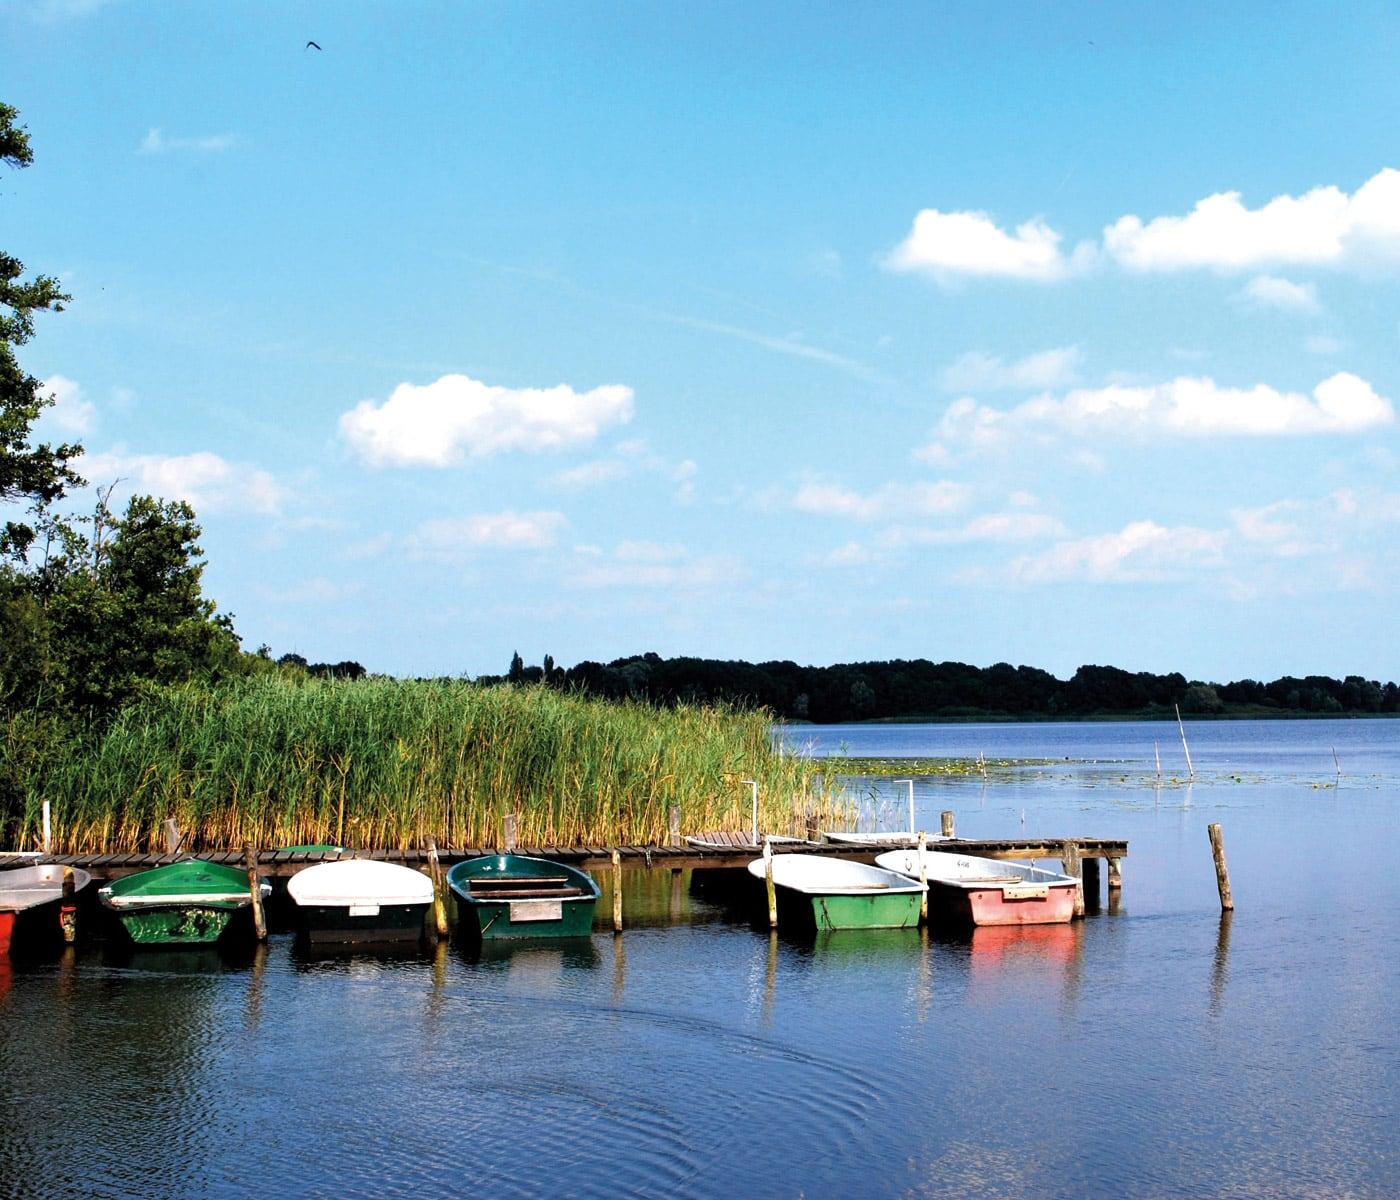 Ausflugtipp für Familien: An den Badesee mit Kindern: Ferienregion Scharmützelte // HIMBEER